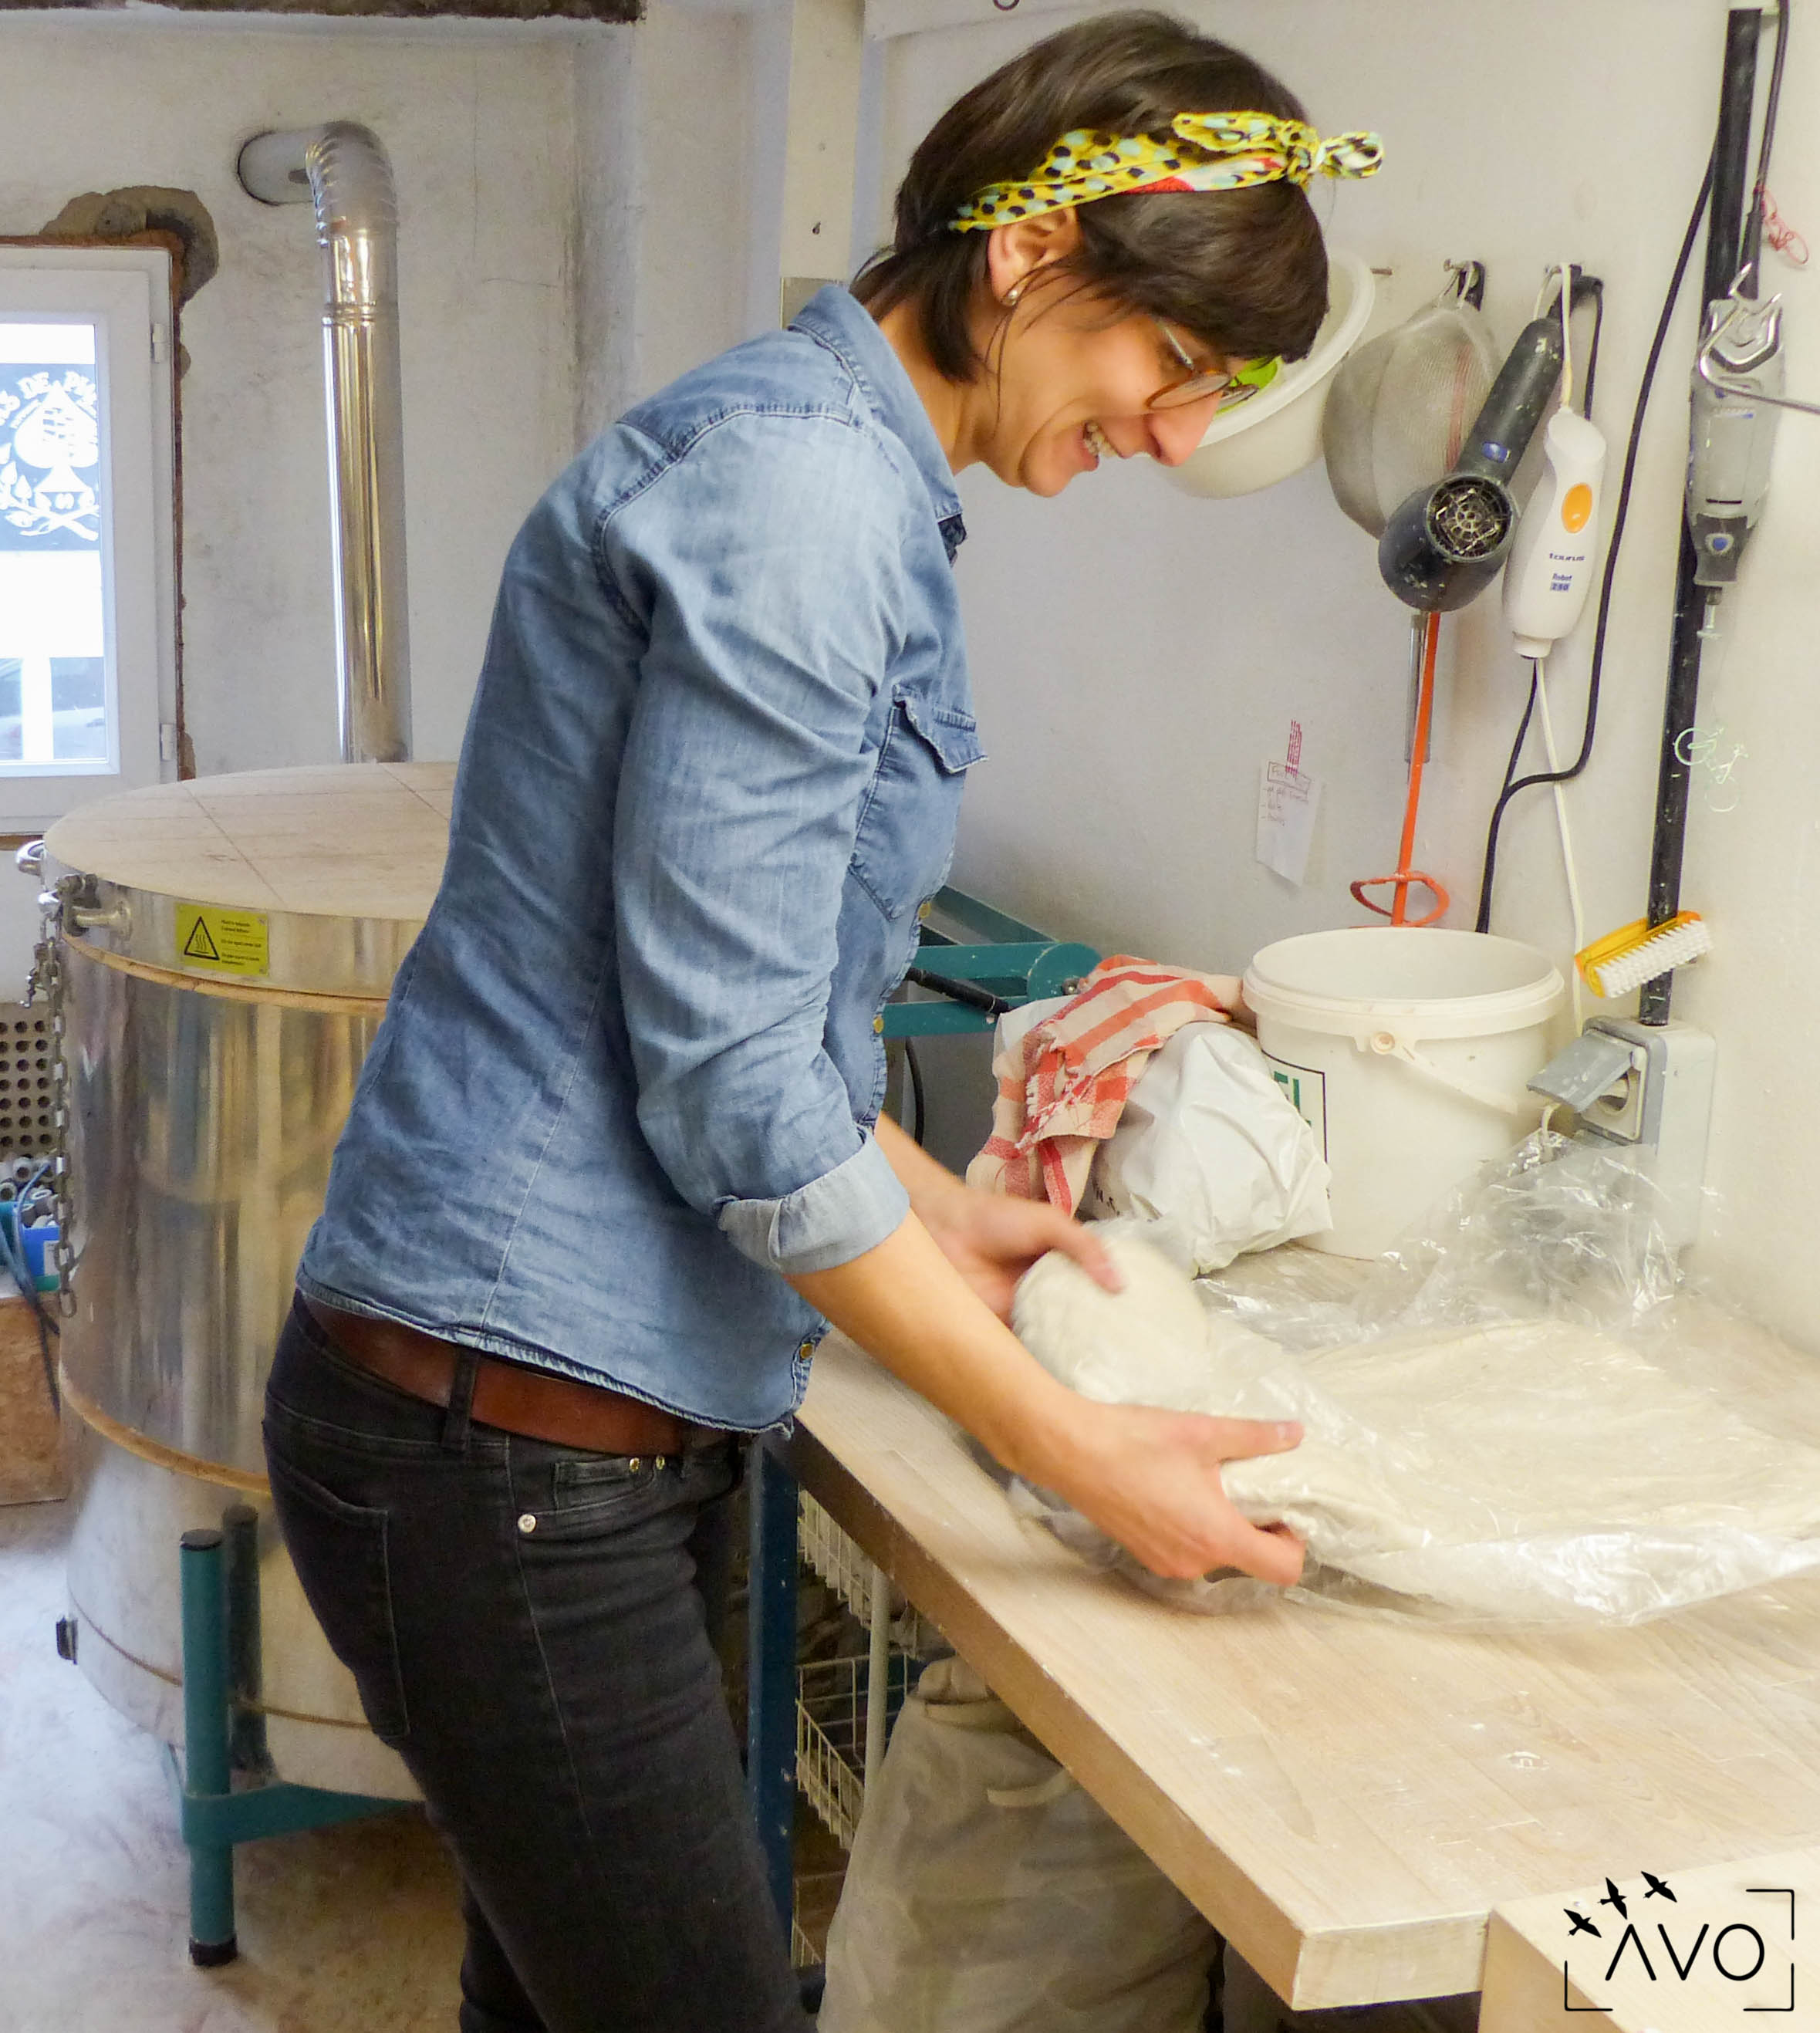 céramique tasse pois porcelaine caluire lyon abcéramique atelier blanc couleur profil anais